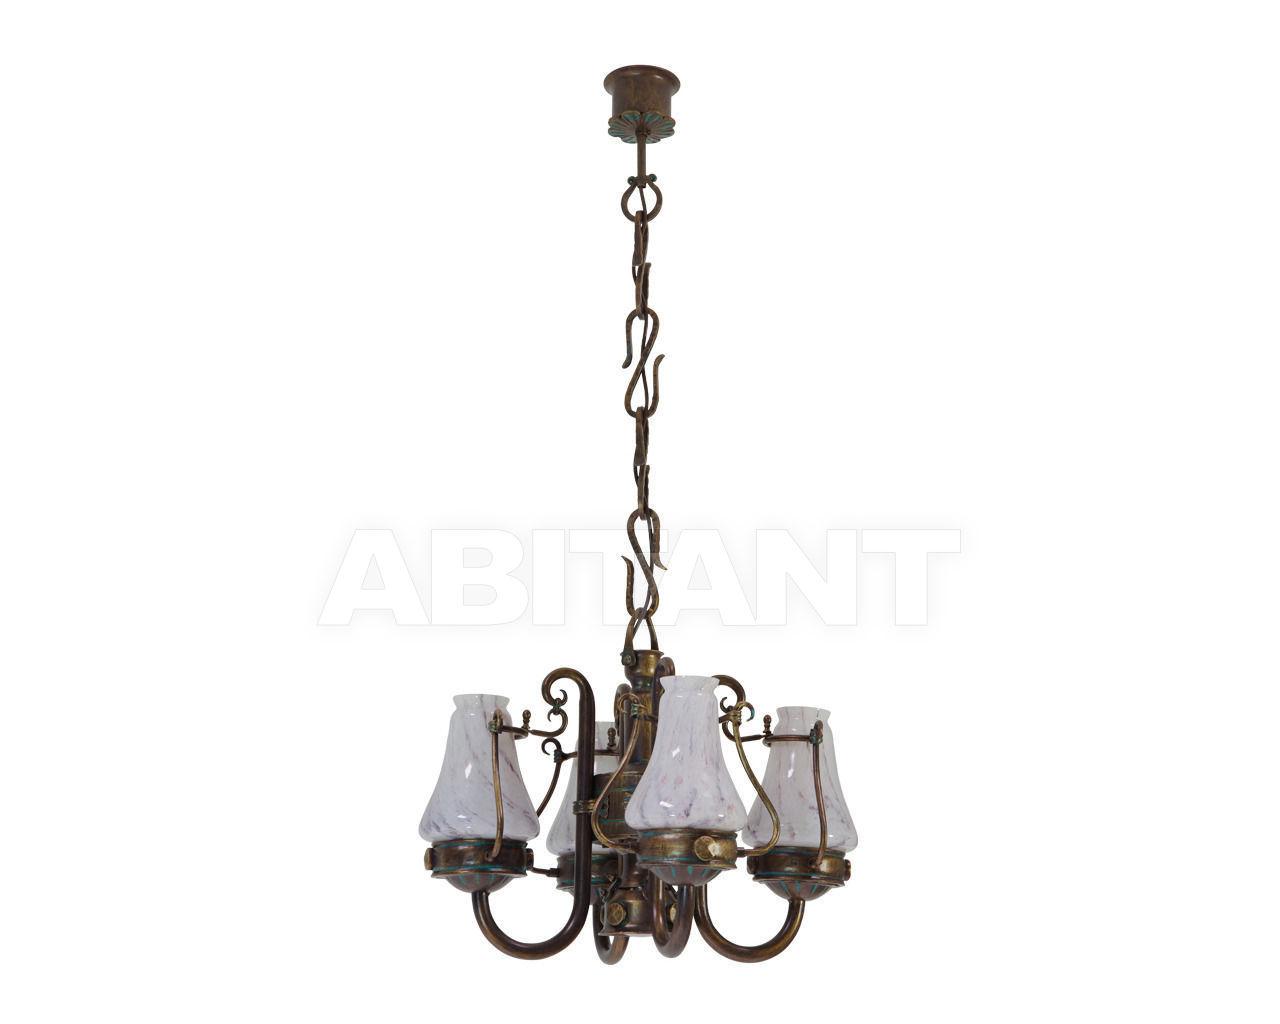 Купить Люстра FMB Leuchten Schmiedeeisen Lampen Und Leuchten 94082